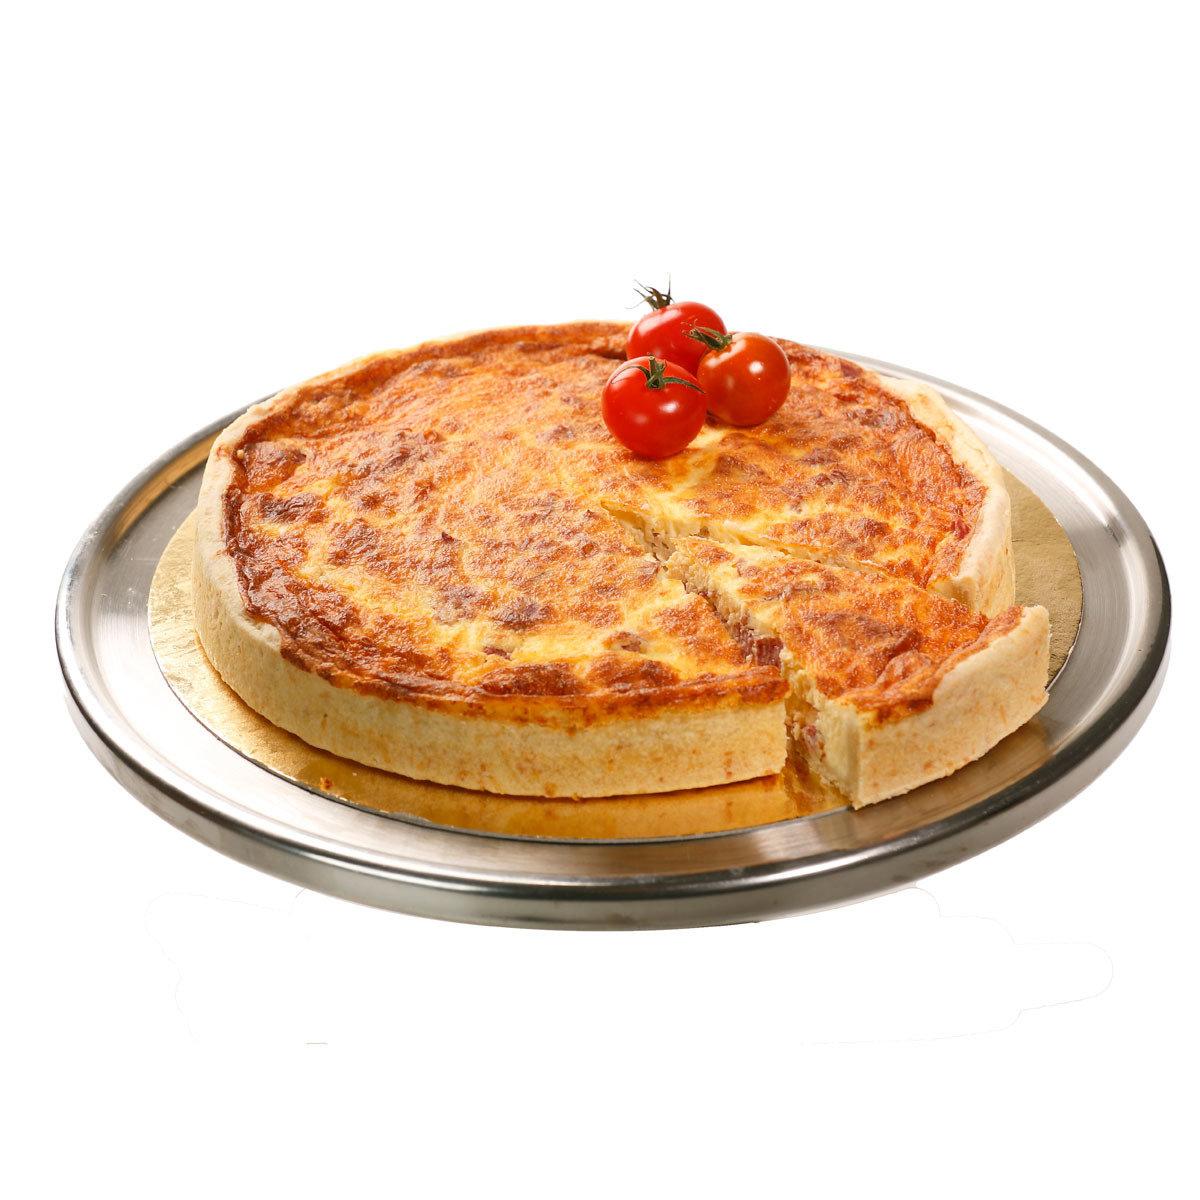 Suolainen piiras bakery068